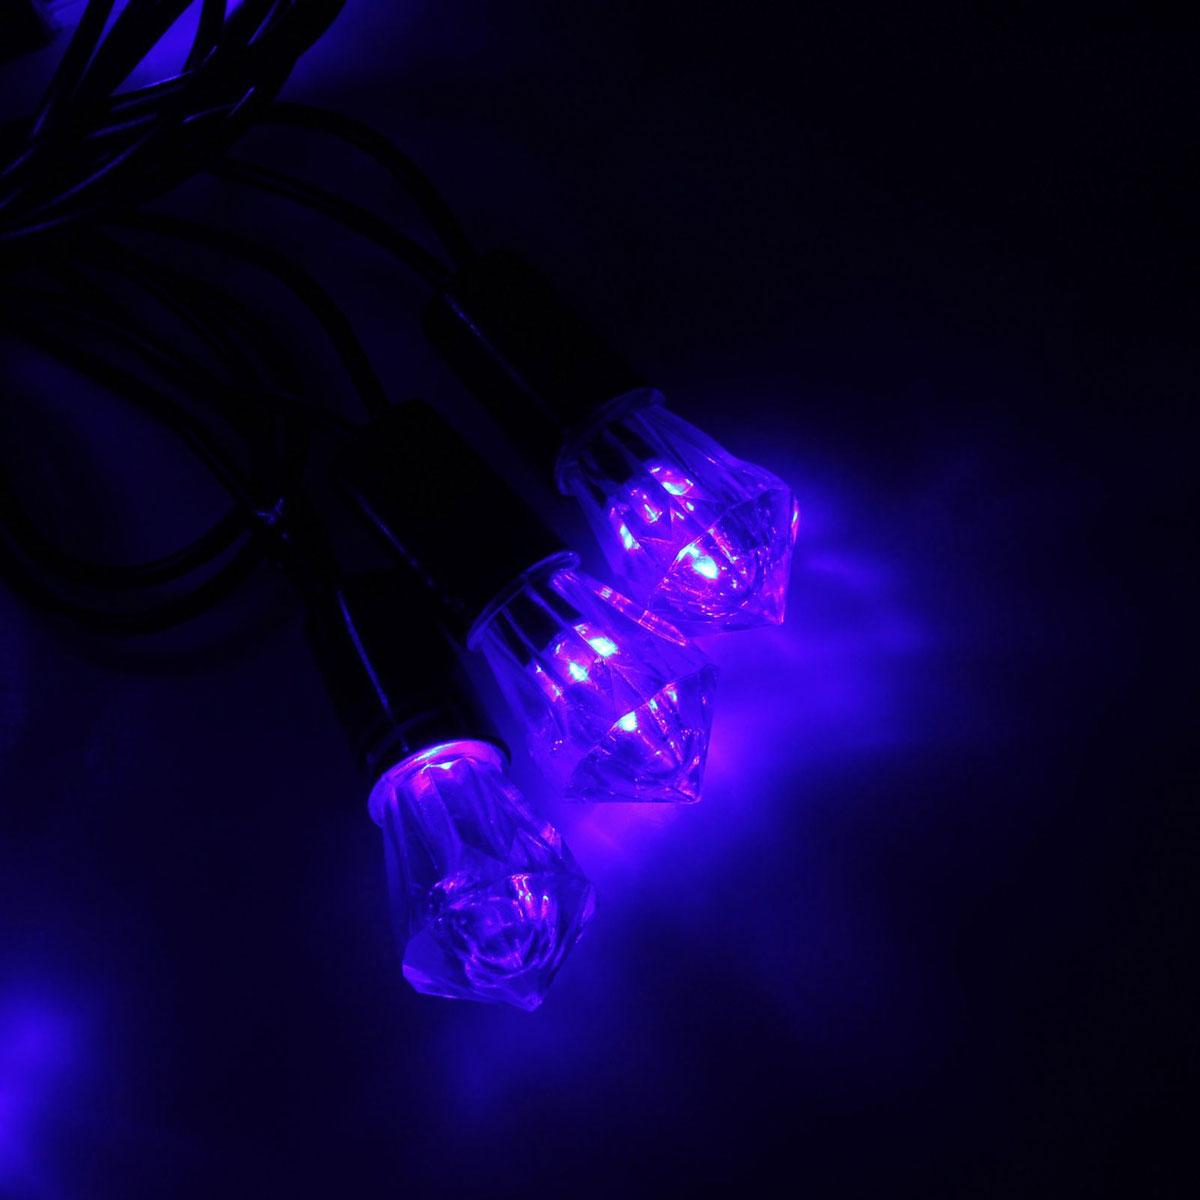 Гирлянда светодиодная Luazon Метраж. Хрусталь, уличная с насадкой, фиксинг, 40 ламп, 220 V, 5 м, цвет: синий. 10800641080064Светодиодные гирлянды, ленты и т.д. — это отличный вариант для новогоднего оформления интерьера или фасада. С их помощью помещение любого размера можно превратить в праздничный зал, а внешние элементы зданий, украшенные ими, мгновенно станут напоминать очертания сказочного дворца. Такие украшения создают ауру предвкушения чуда. Деревья, фасады, витрины, окна и арки будто специально созданы, чтобы вы украсили их светящимися нитями.